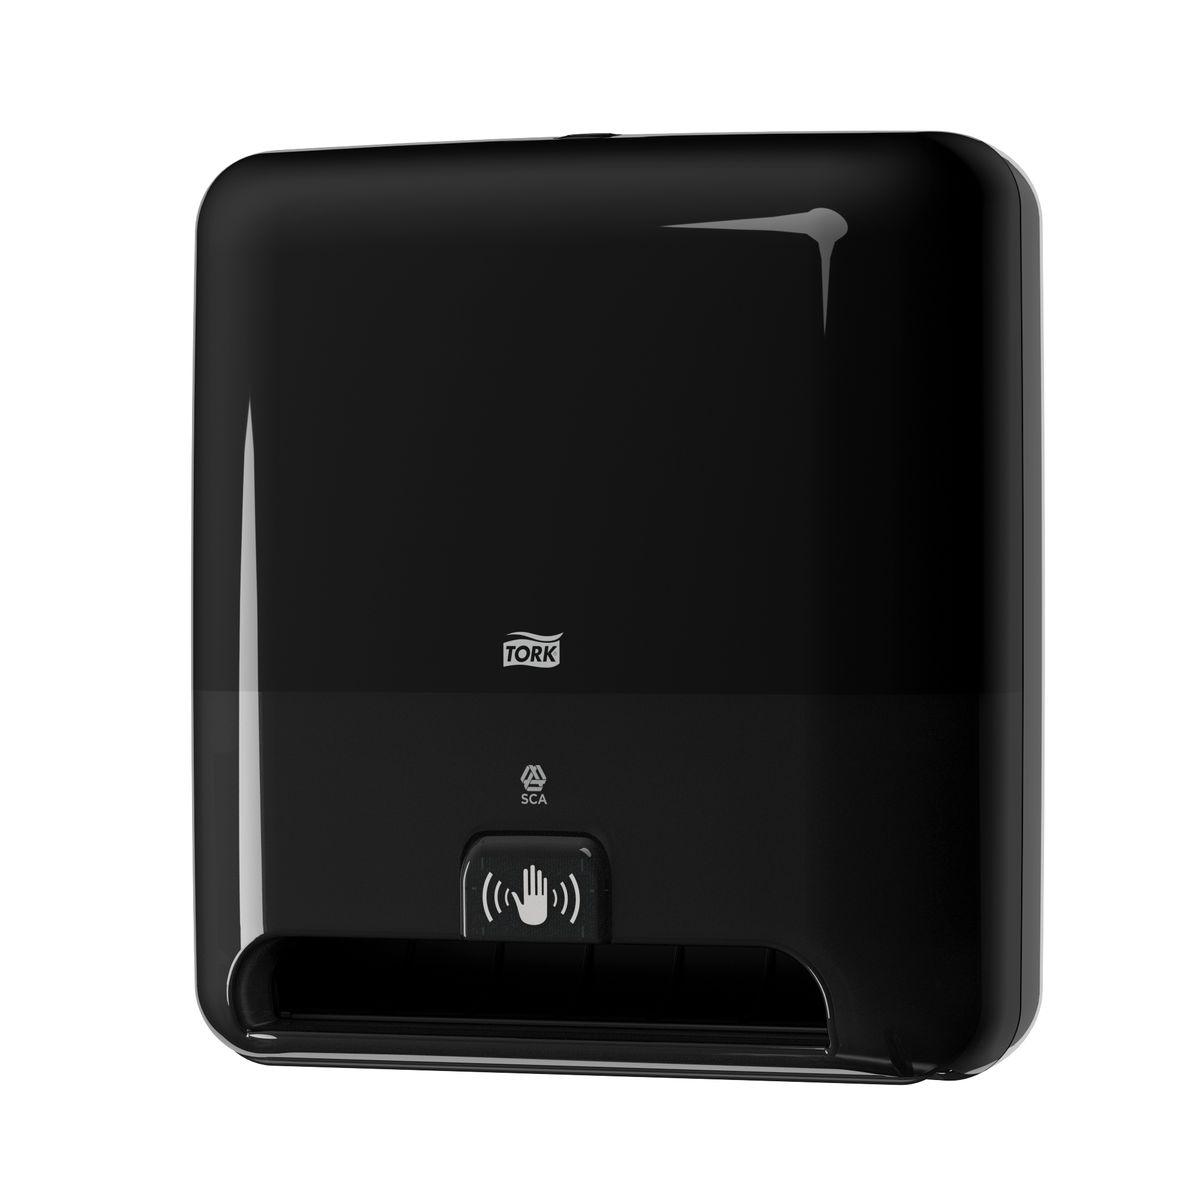 Диспенсер для бумажных полотенец Tork, цвет: черный. 551108NLED-426-3W-WСистема Н1 - Полотенца в рулонах.Сенсорный диспенсер для полотенец в рулонах Tork Matic - это гигиеничное и экономичное решение.•Бесконтактный отбор полотенец обеспечивает высокий уровень гигиены•Большая вместимость сокращает частоту перезаправок•Интуитивно понятная конструкция облегчает и ускоряет перезаправку•Возможность регулировать длину полотенца обеспечивает контроль расхода полотенец•Световые индикаторы замены элементов питания и расхода рулона•Бесшумная работа сенсора